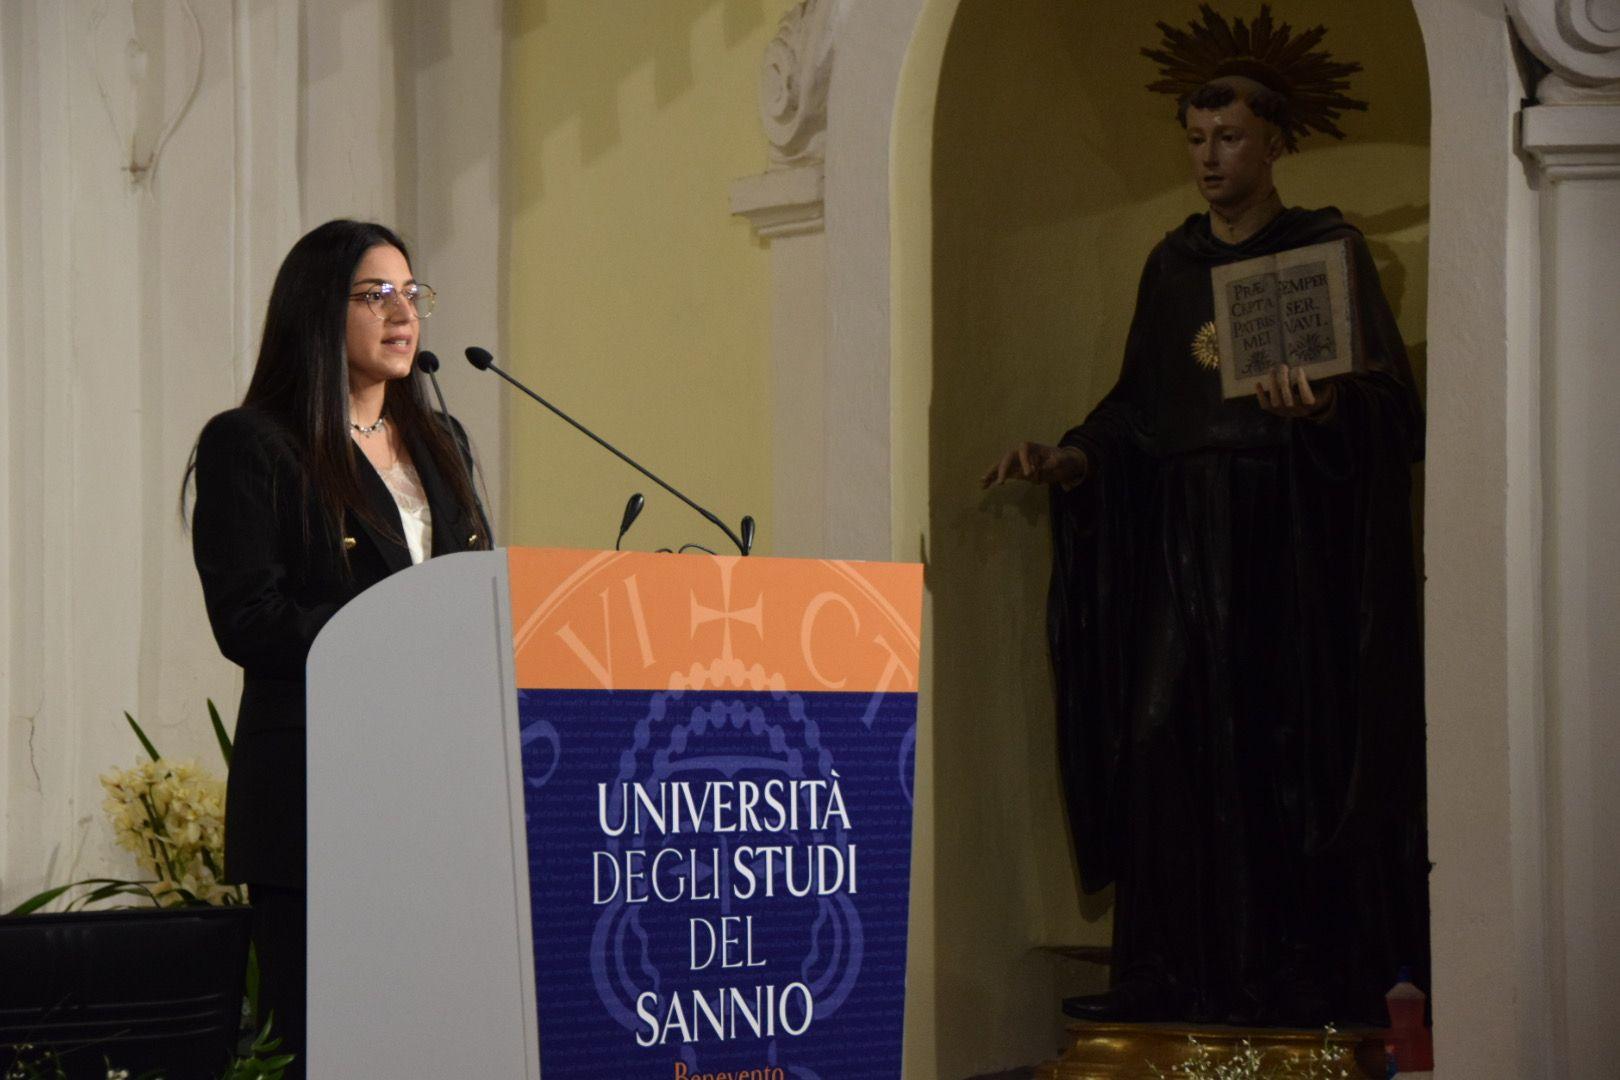 Silvia Di Virgilio